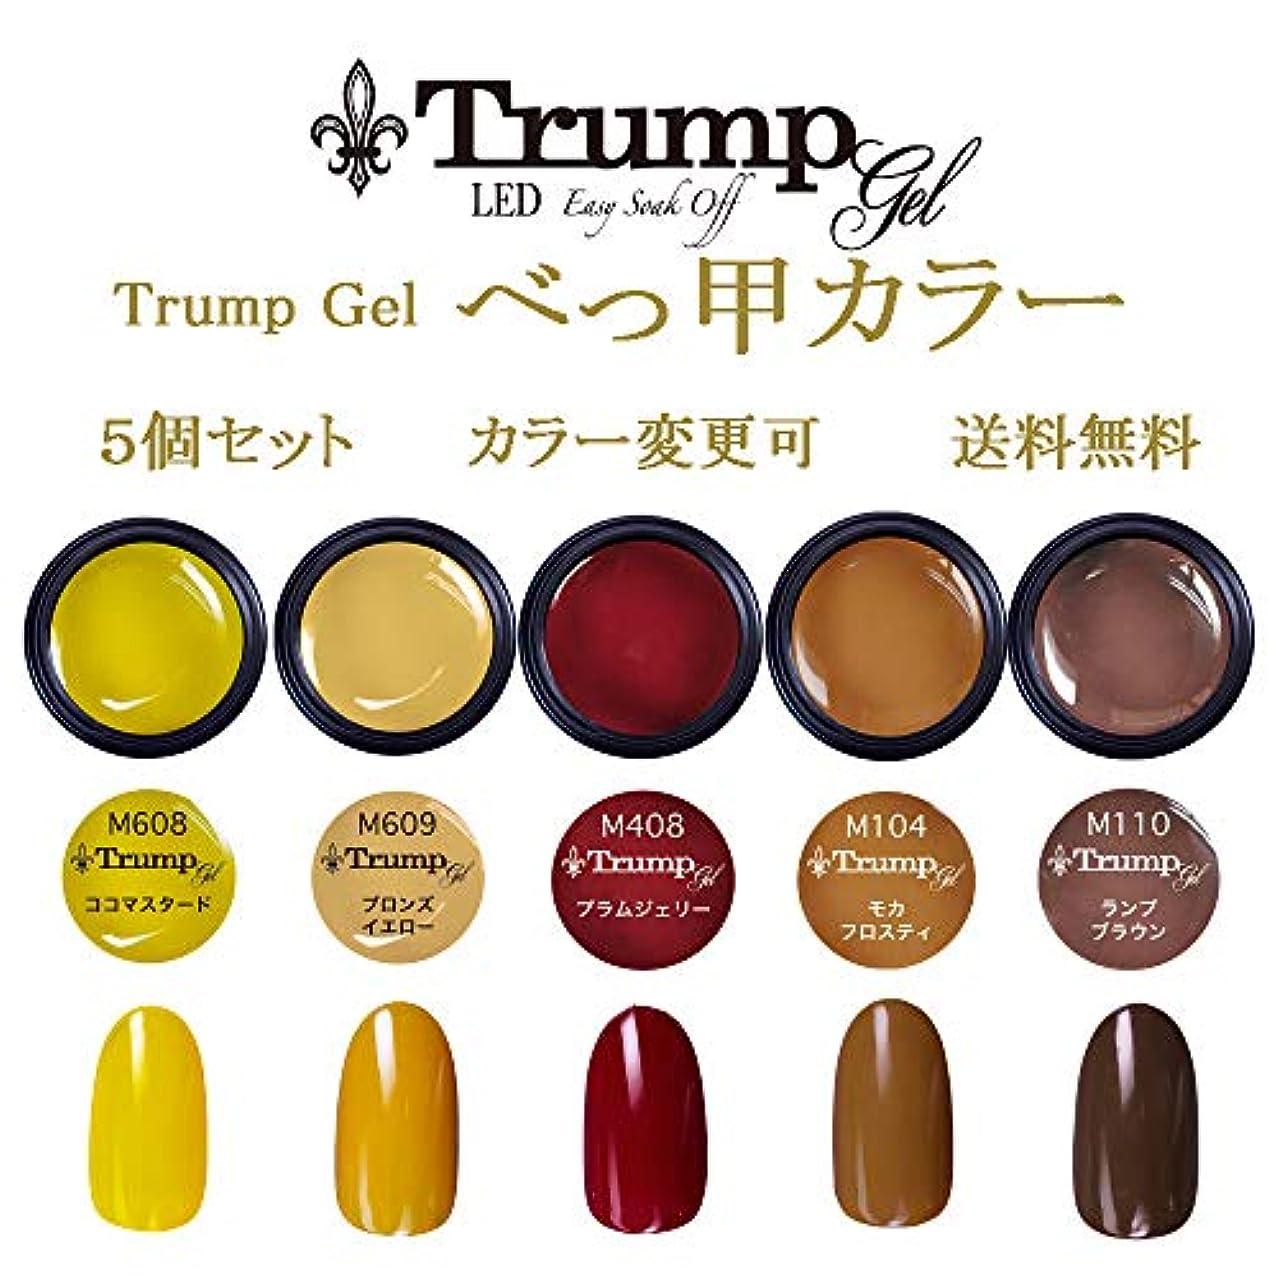 ギャラントリーりんご通り抜ける日本製 Trump gel トランプジェル べっ甲 ネイルカラー 選べる カラージェル 5個セット イエロー ブラウン ワイン べっこう